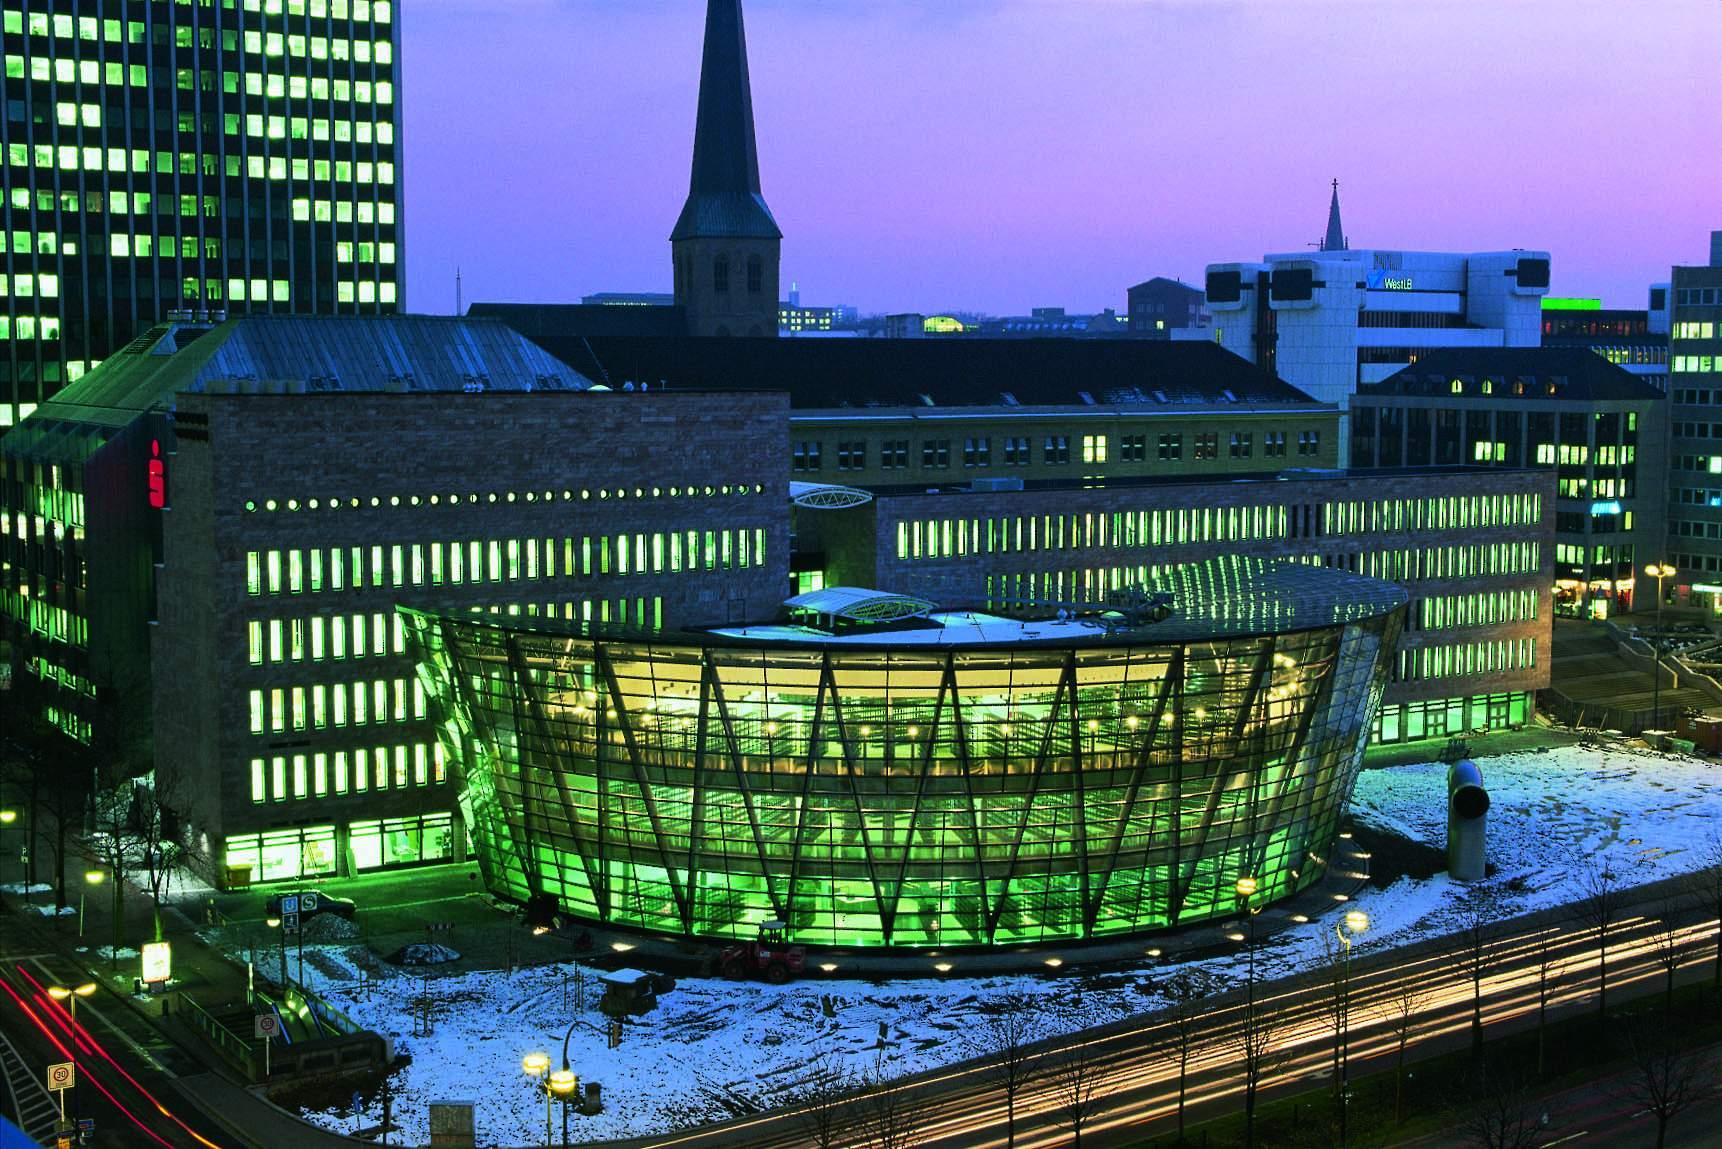 ماریو بوتا Stadt- und Landesbibliothek (Central library) in Dortmund